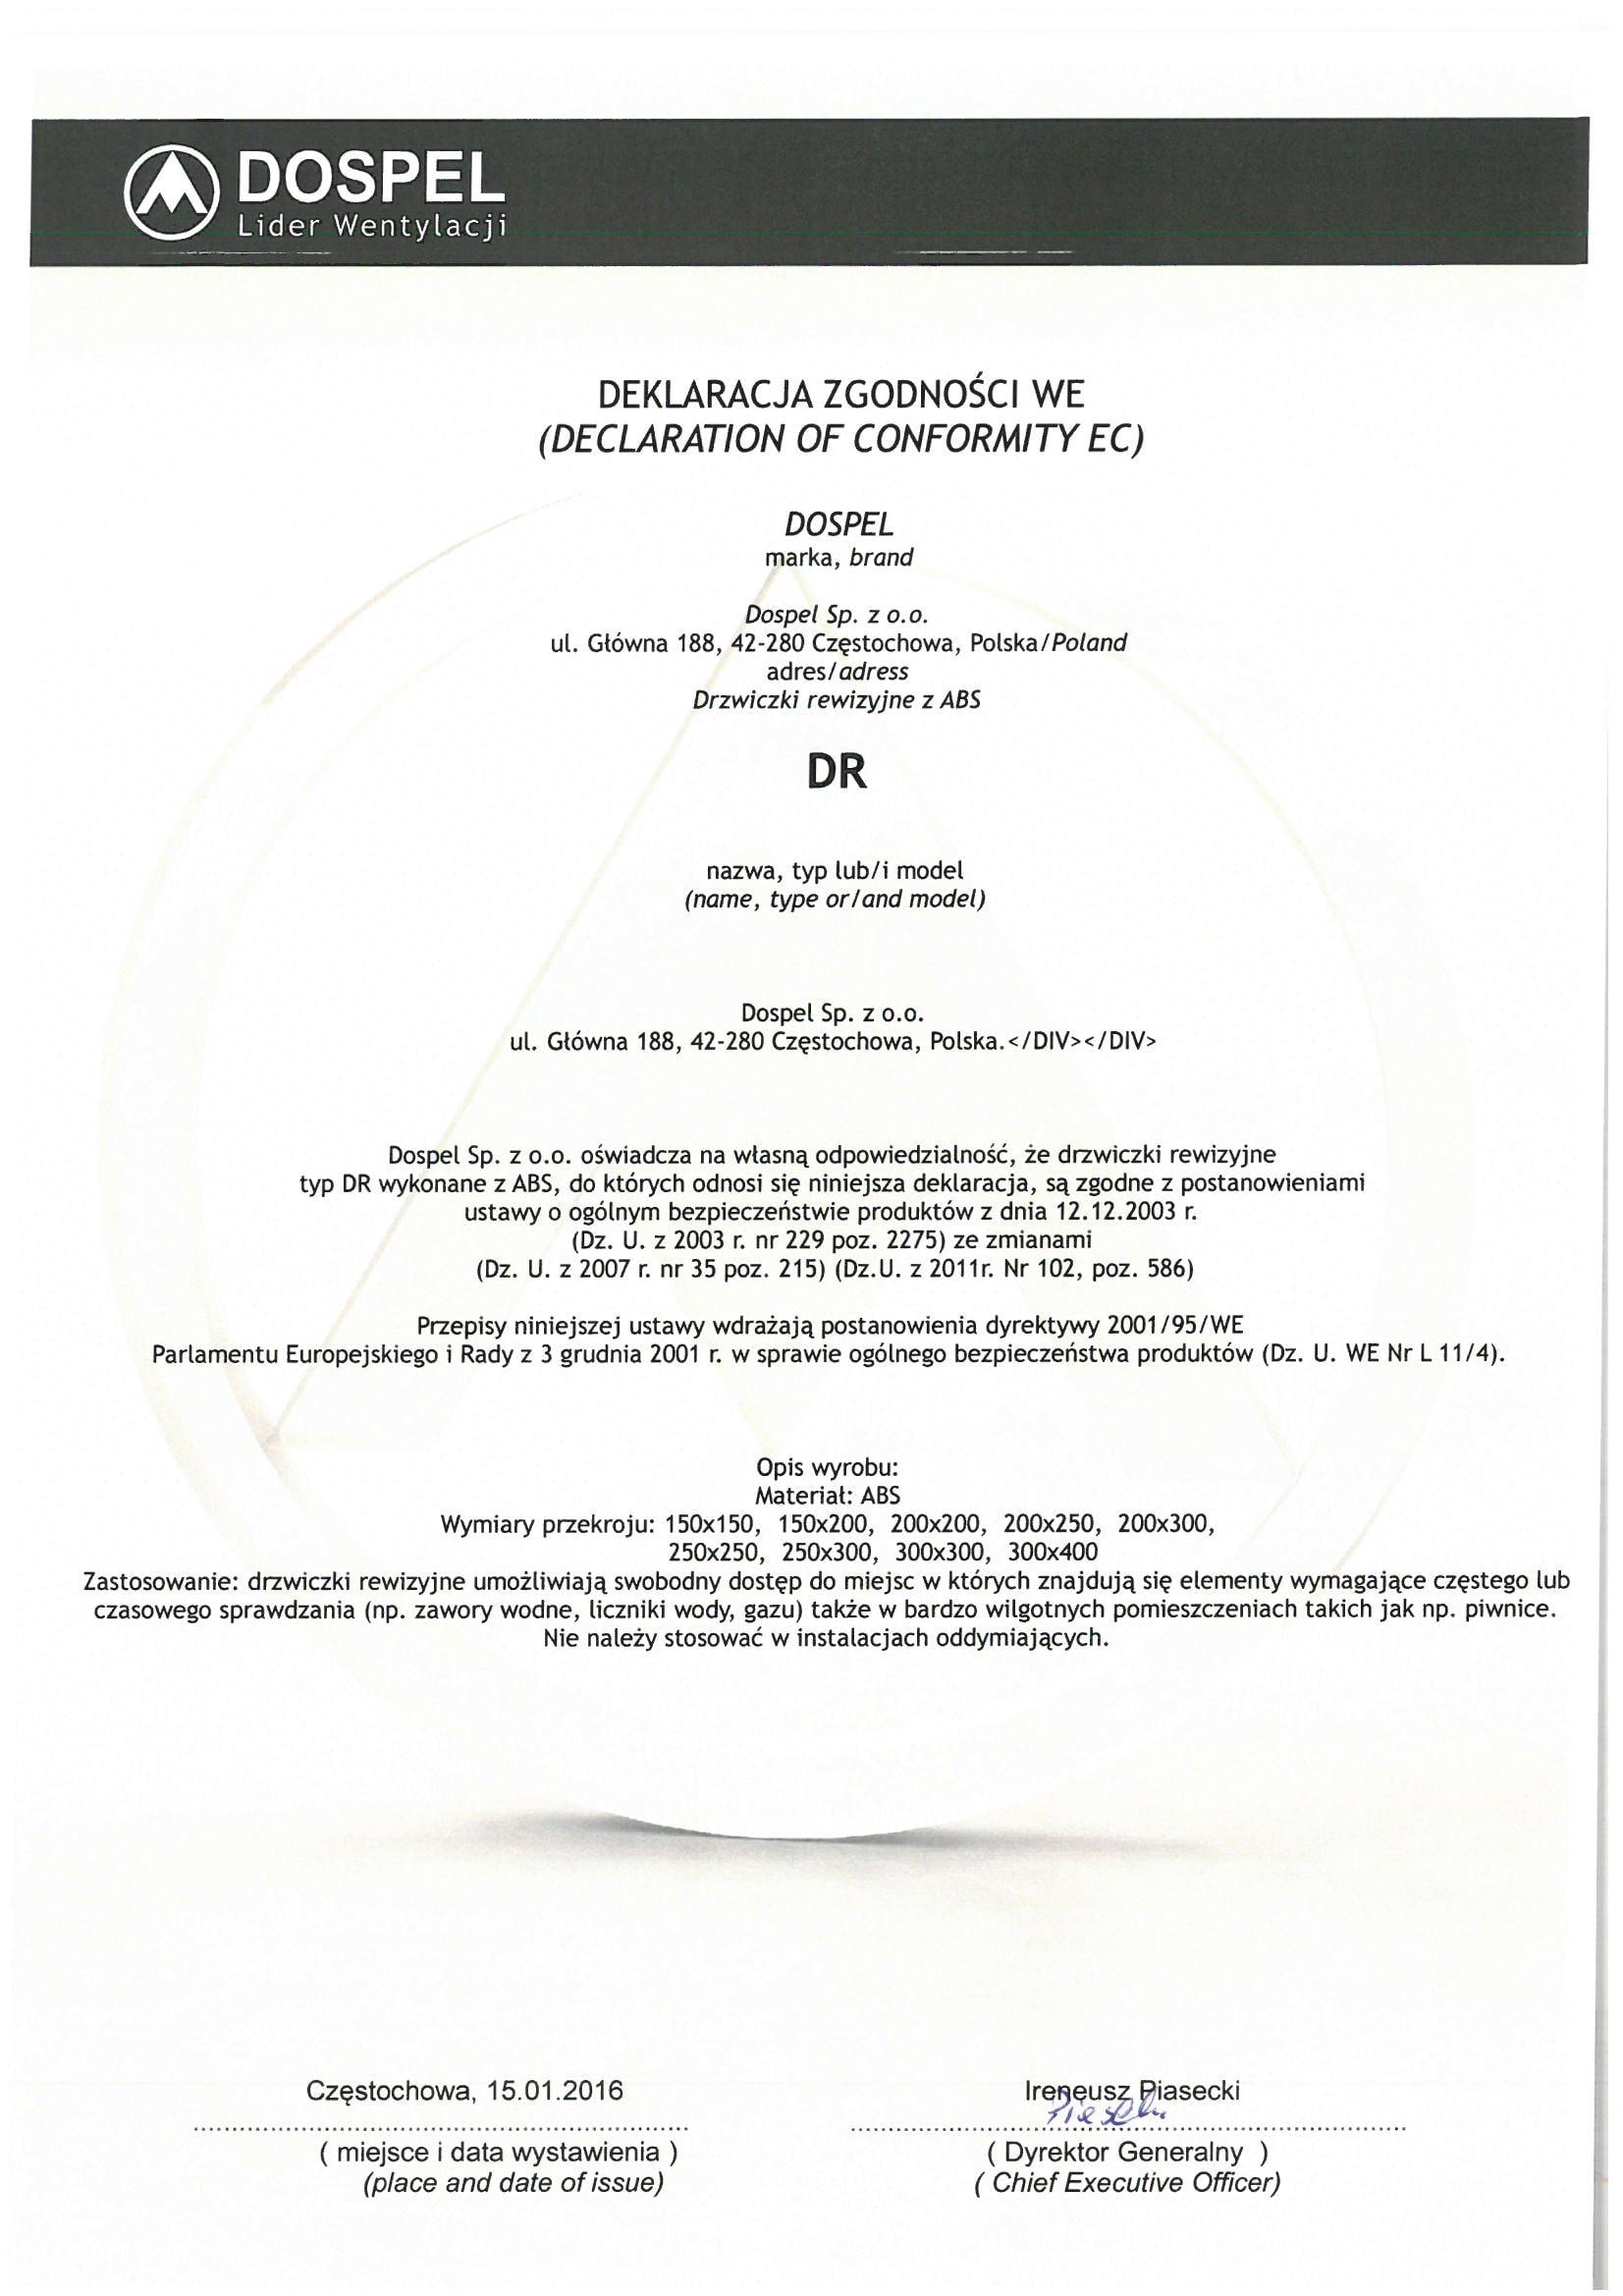 Drzwiczki rewizyjne, DR, certyfikat, deklaracja zgodności, producent wentylatorów, Dospel